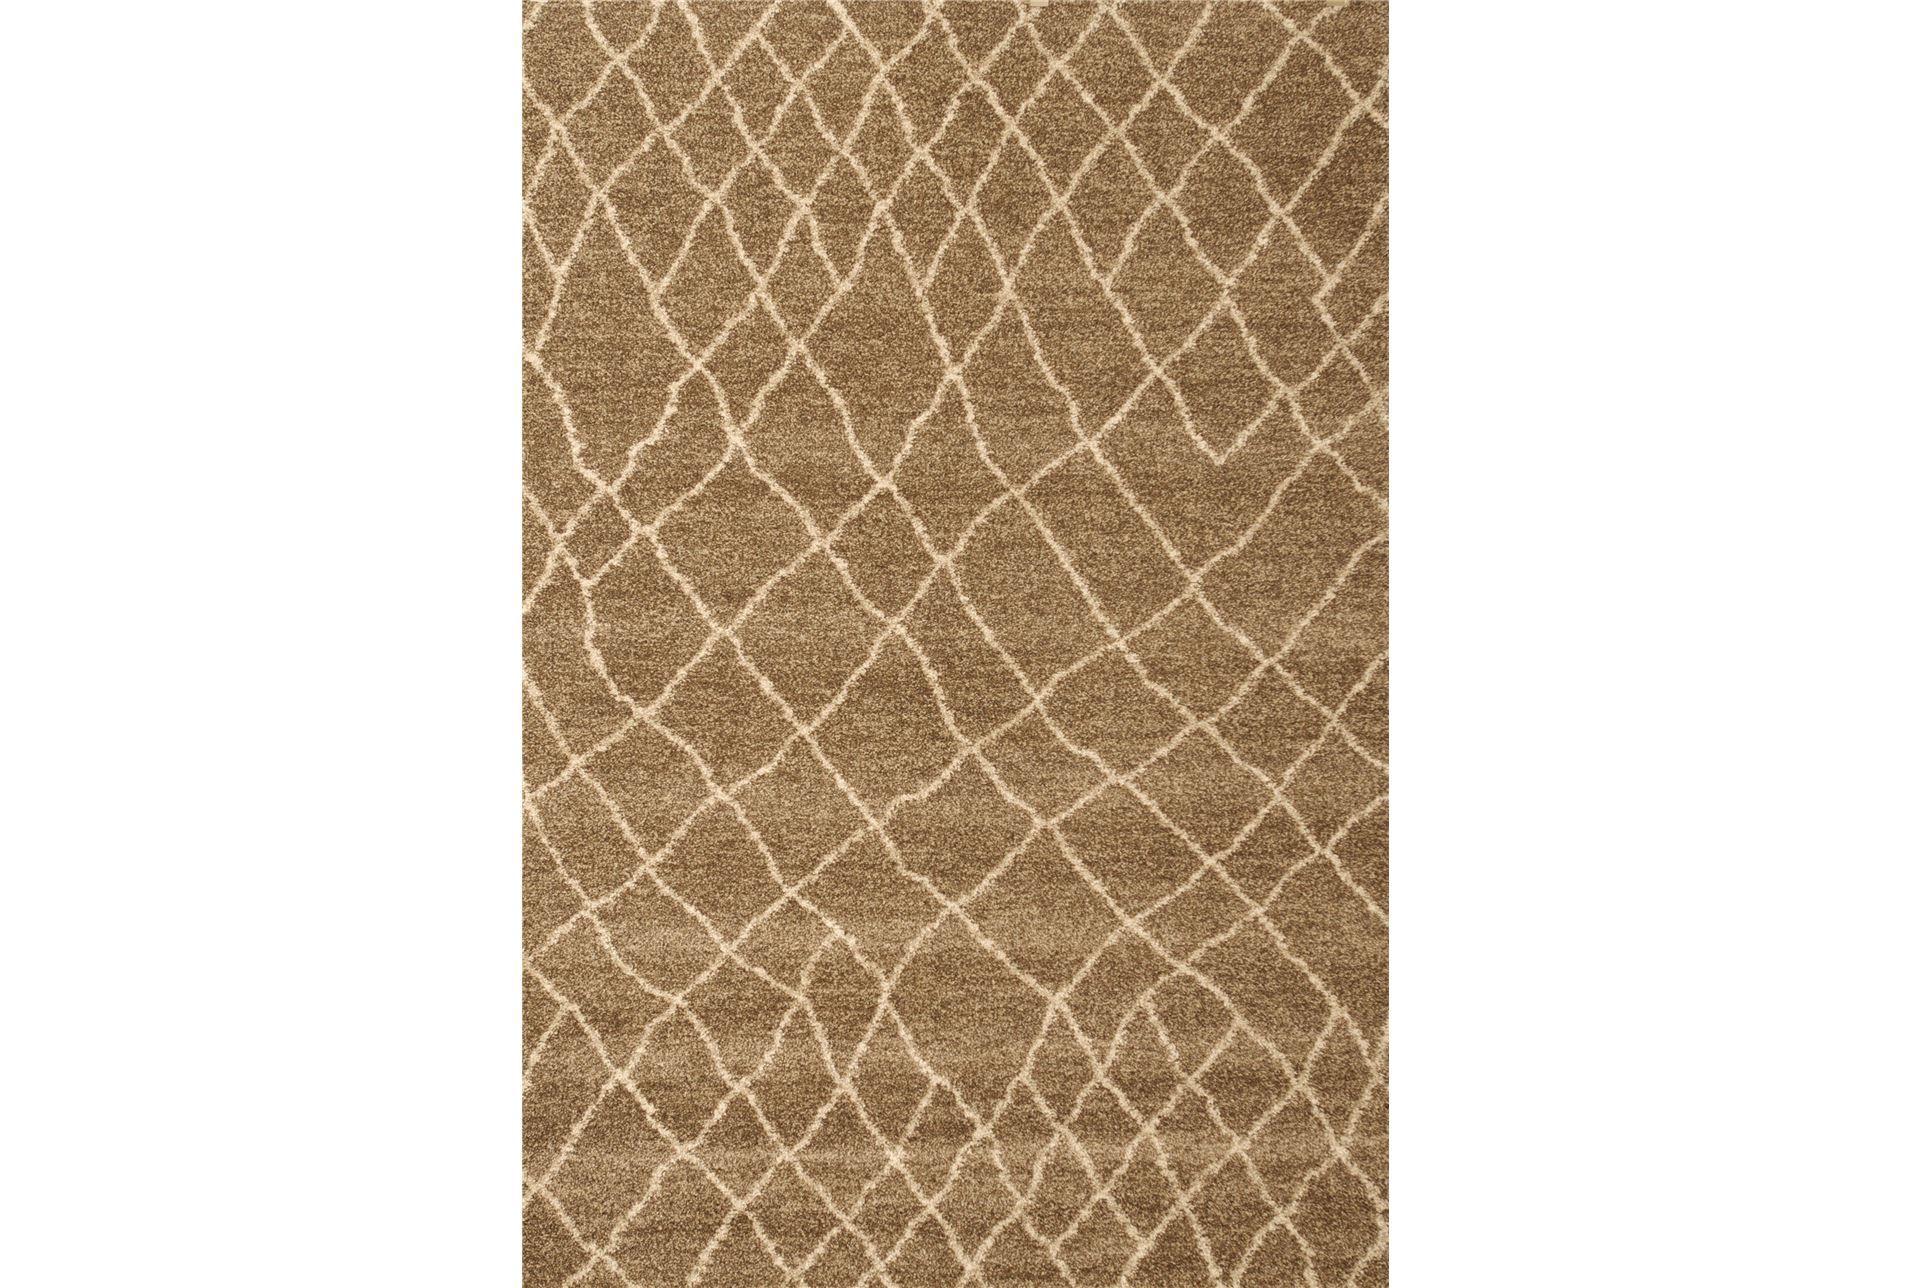 63x90 rug granada peaks living spaces for Living spaces rugs